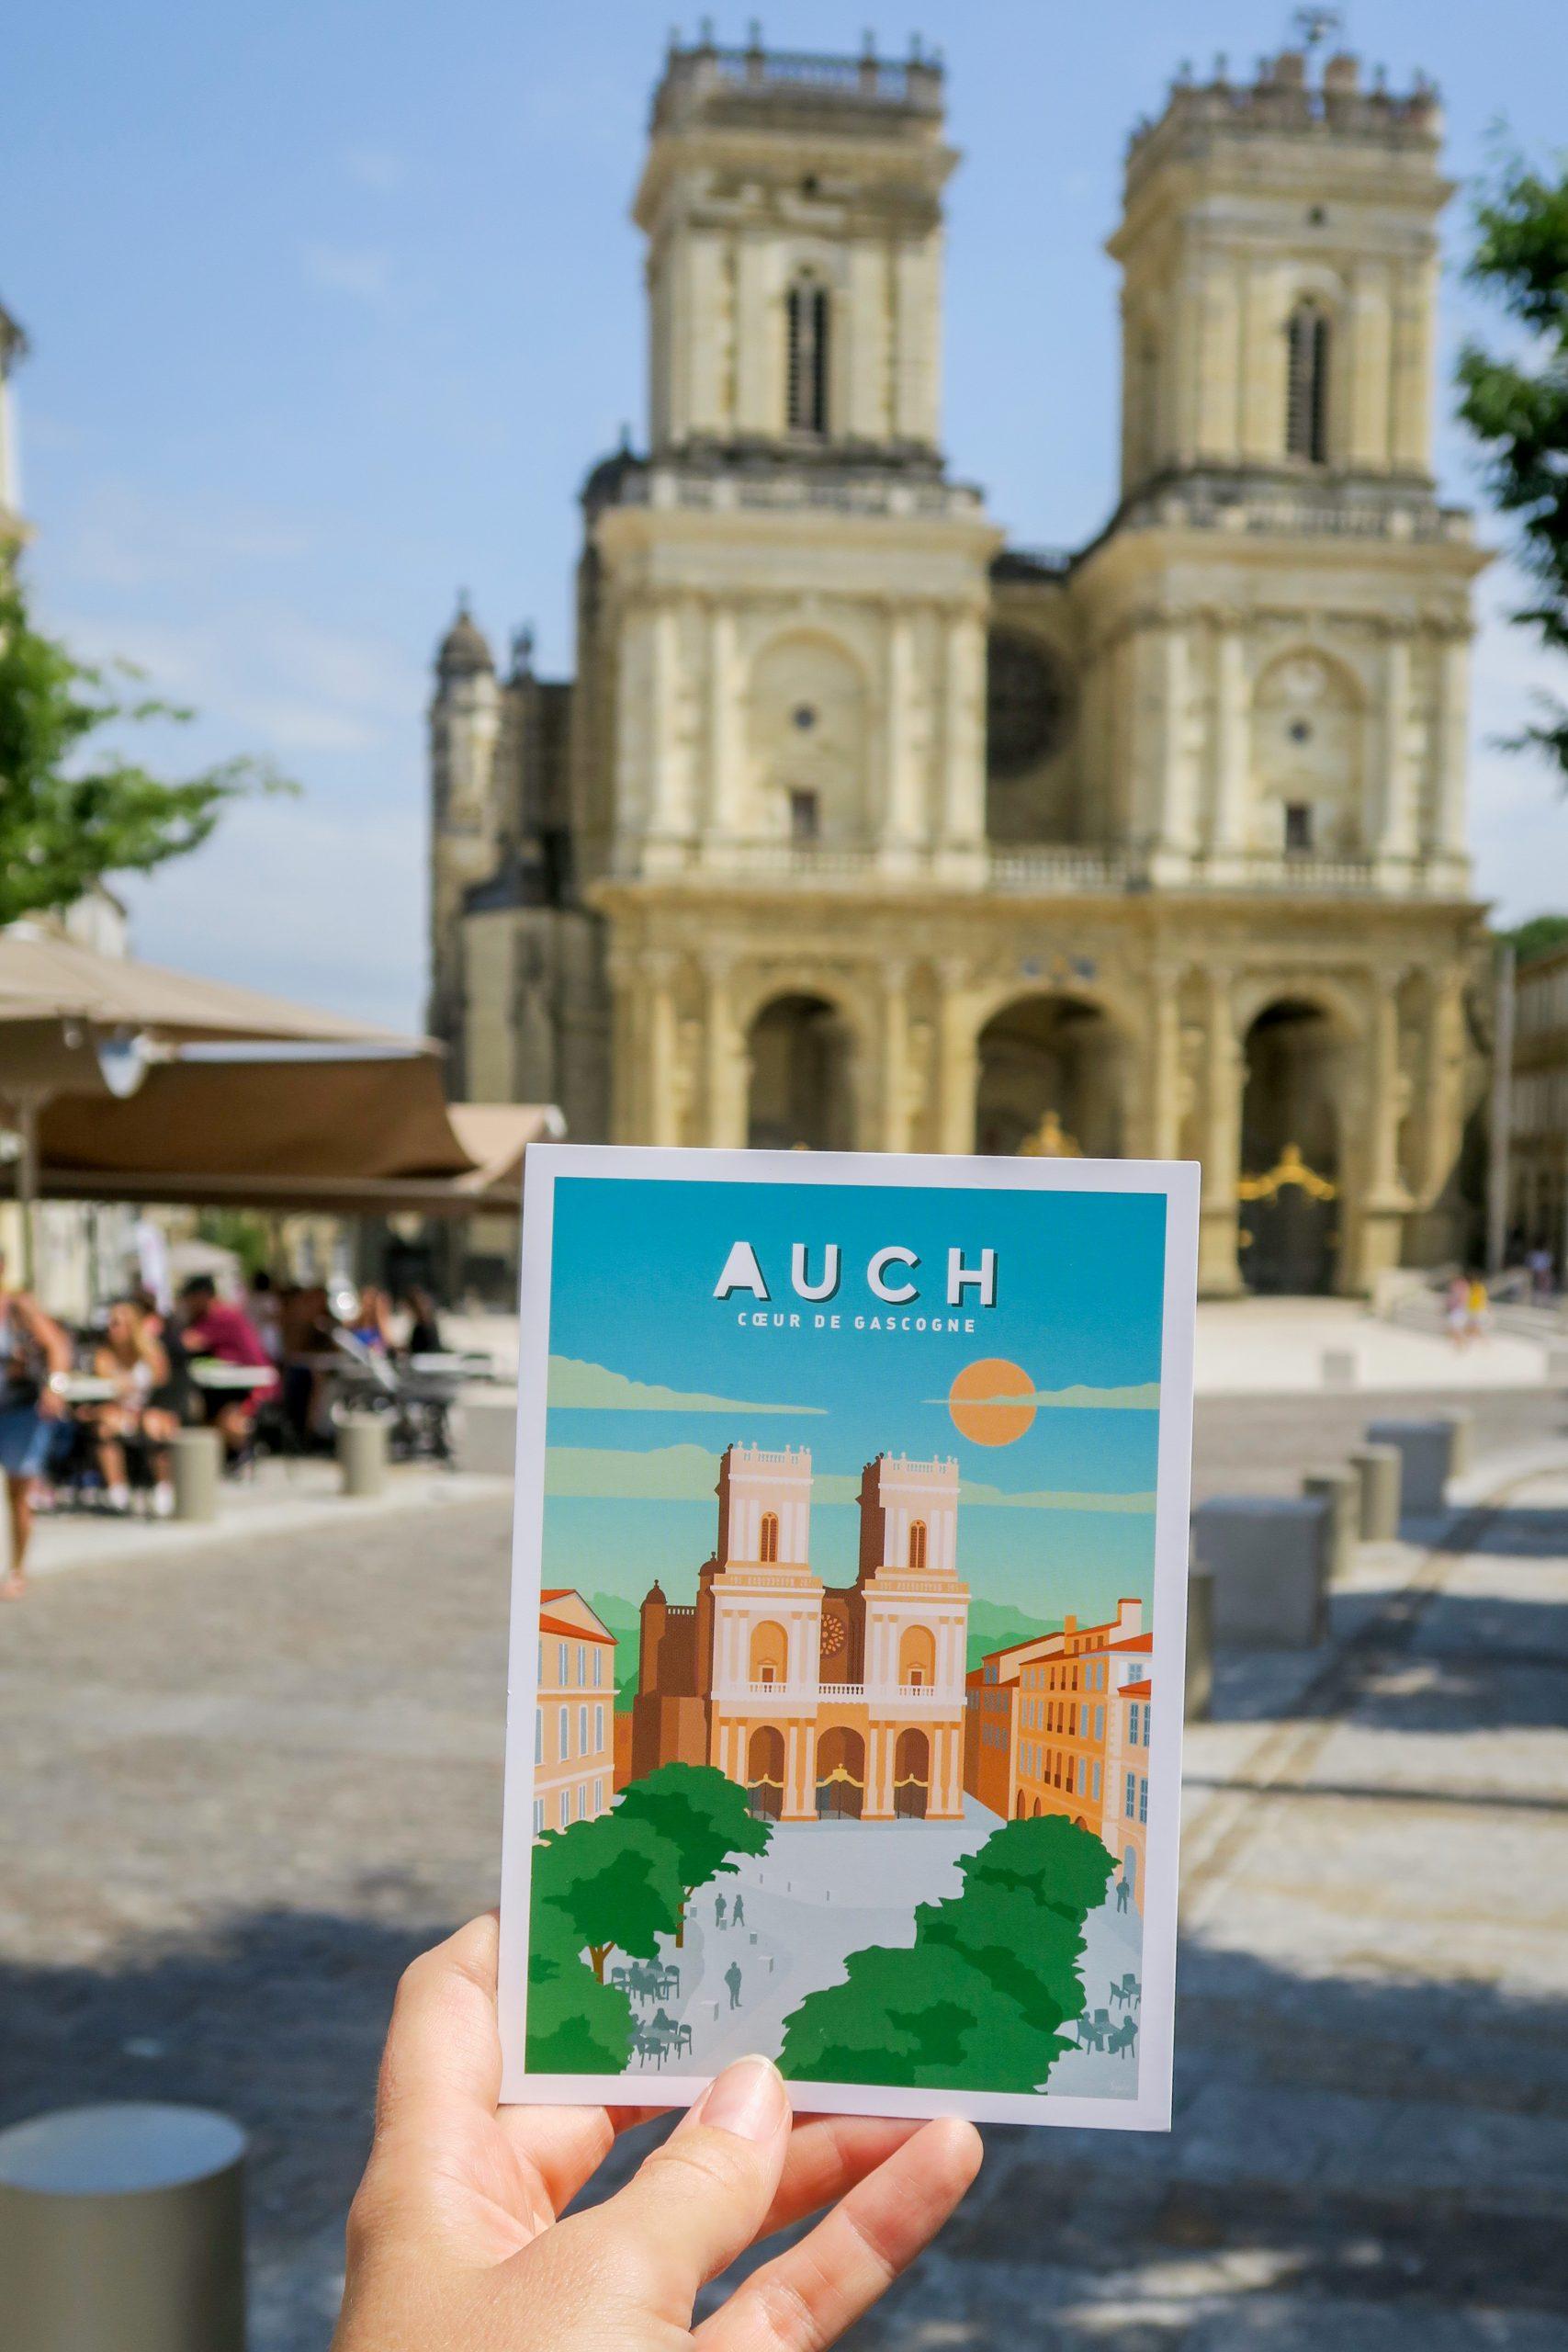 auch tourisme les petits affichistes